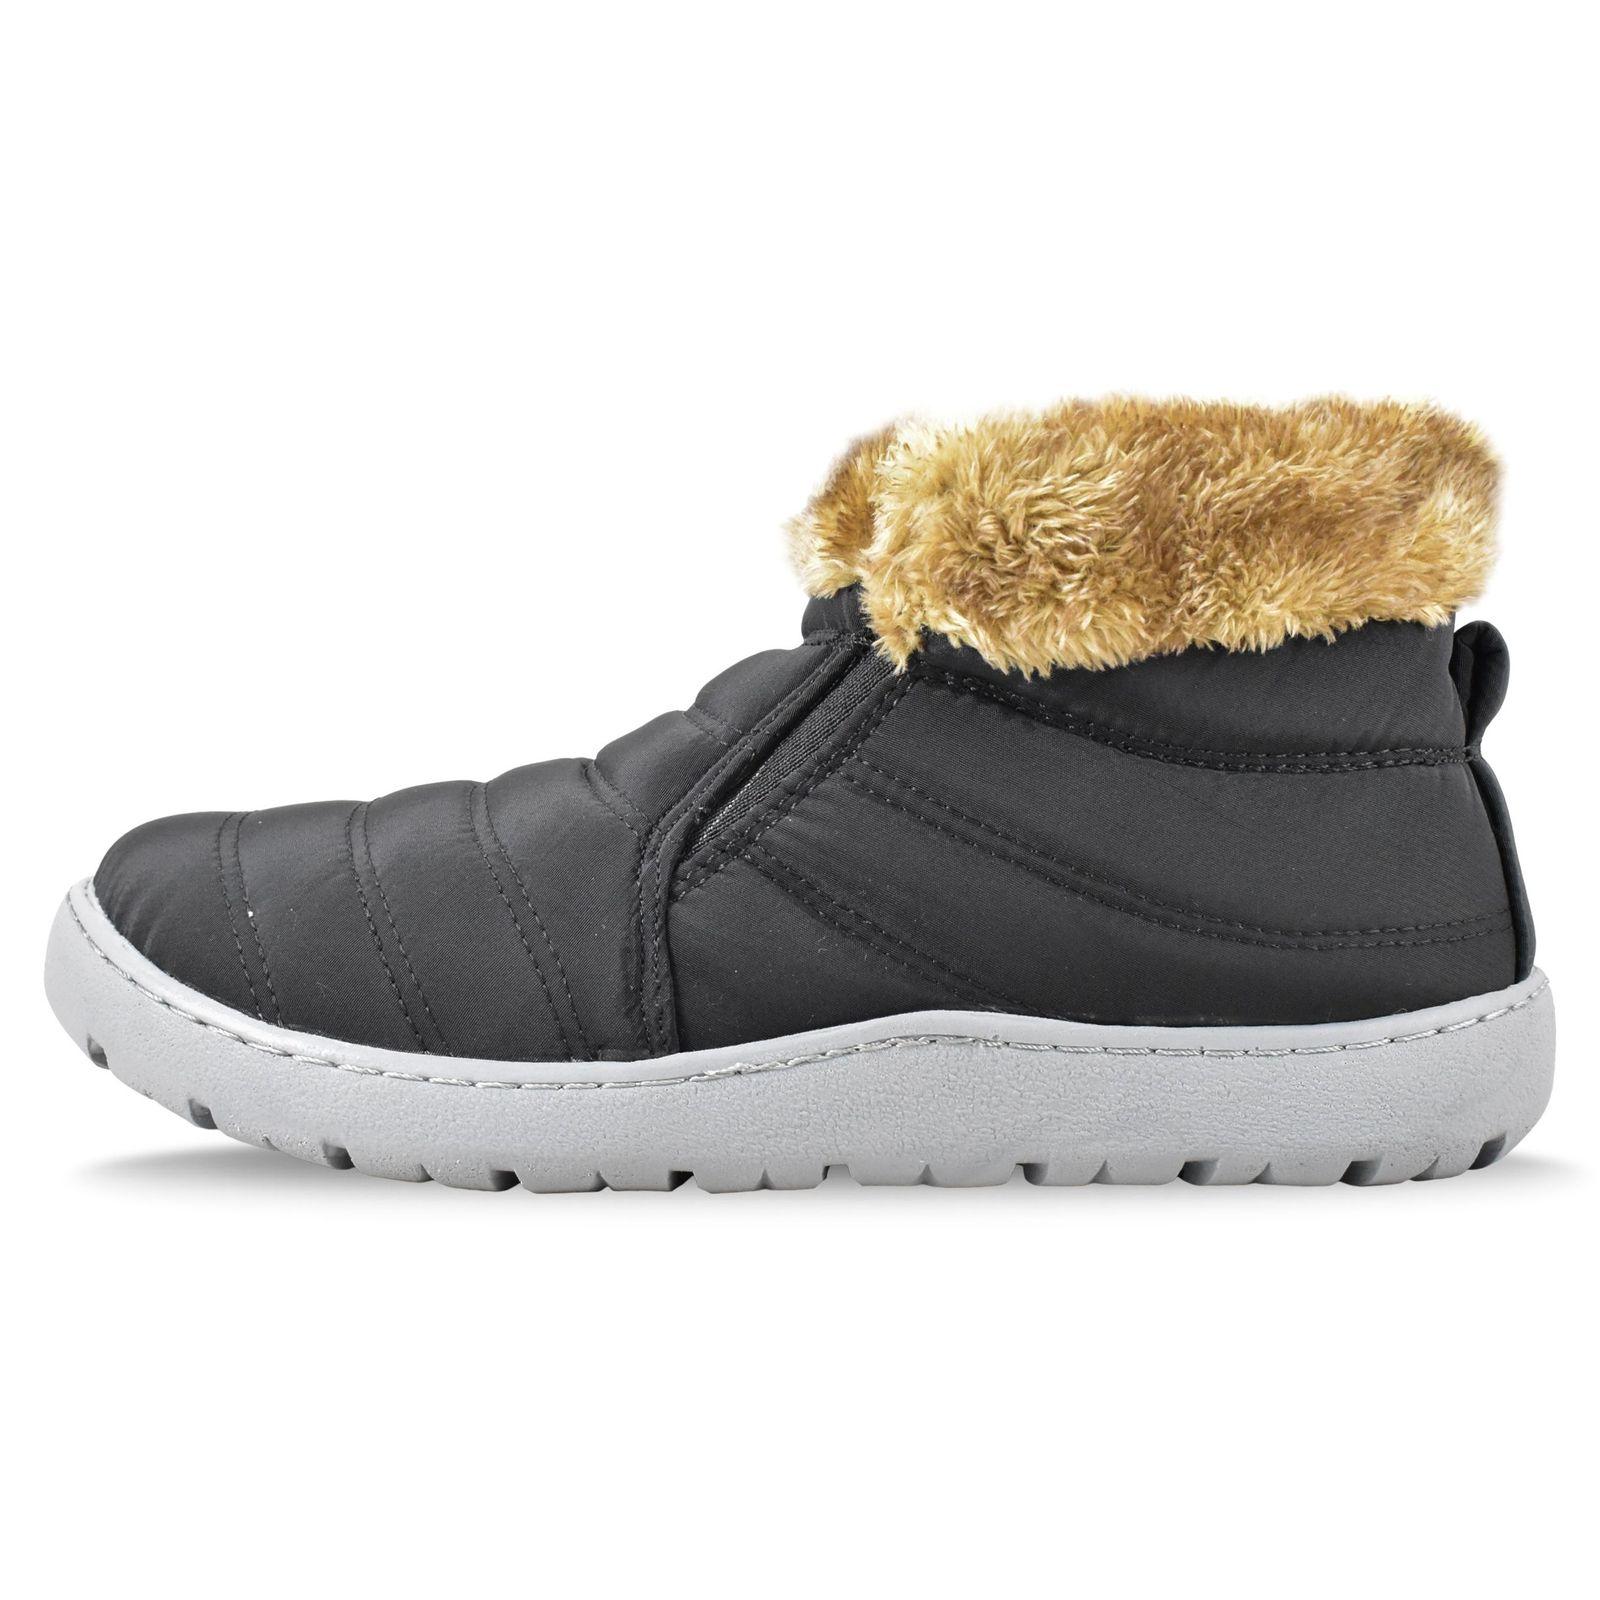 کفش مخصوص پیاده روی زنانه چرم تام کد 4741 main 1 1